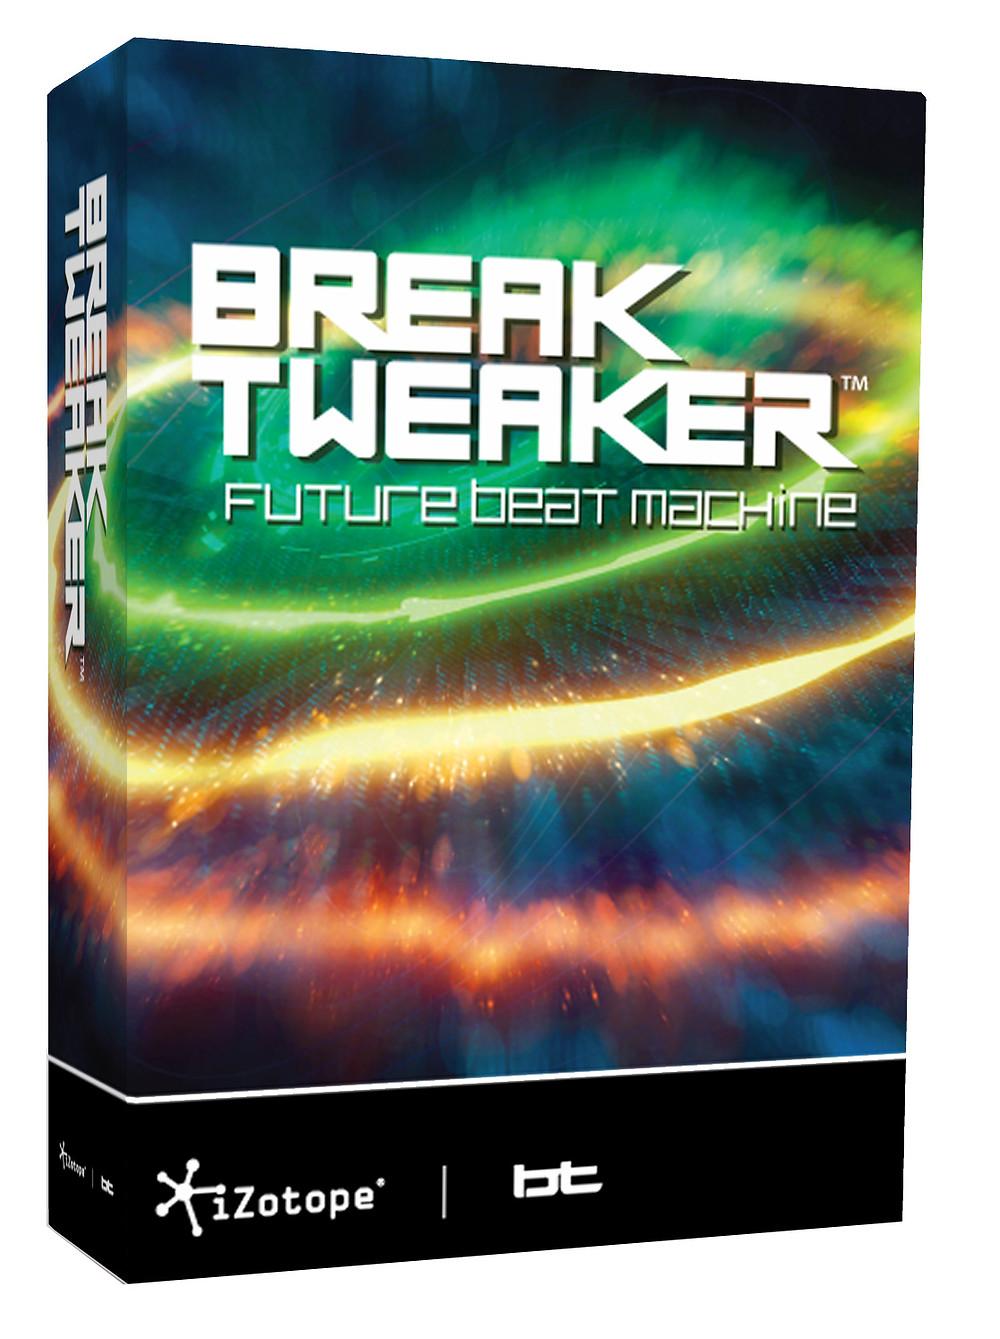 izotope-breaktweaker-box.jpg